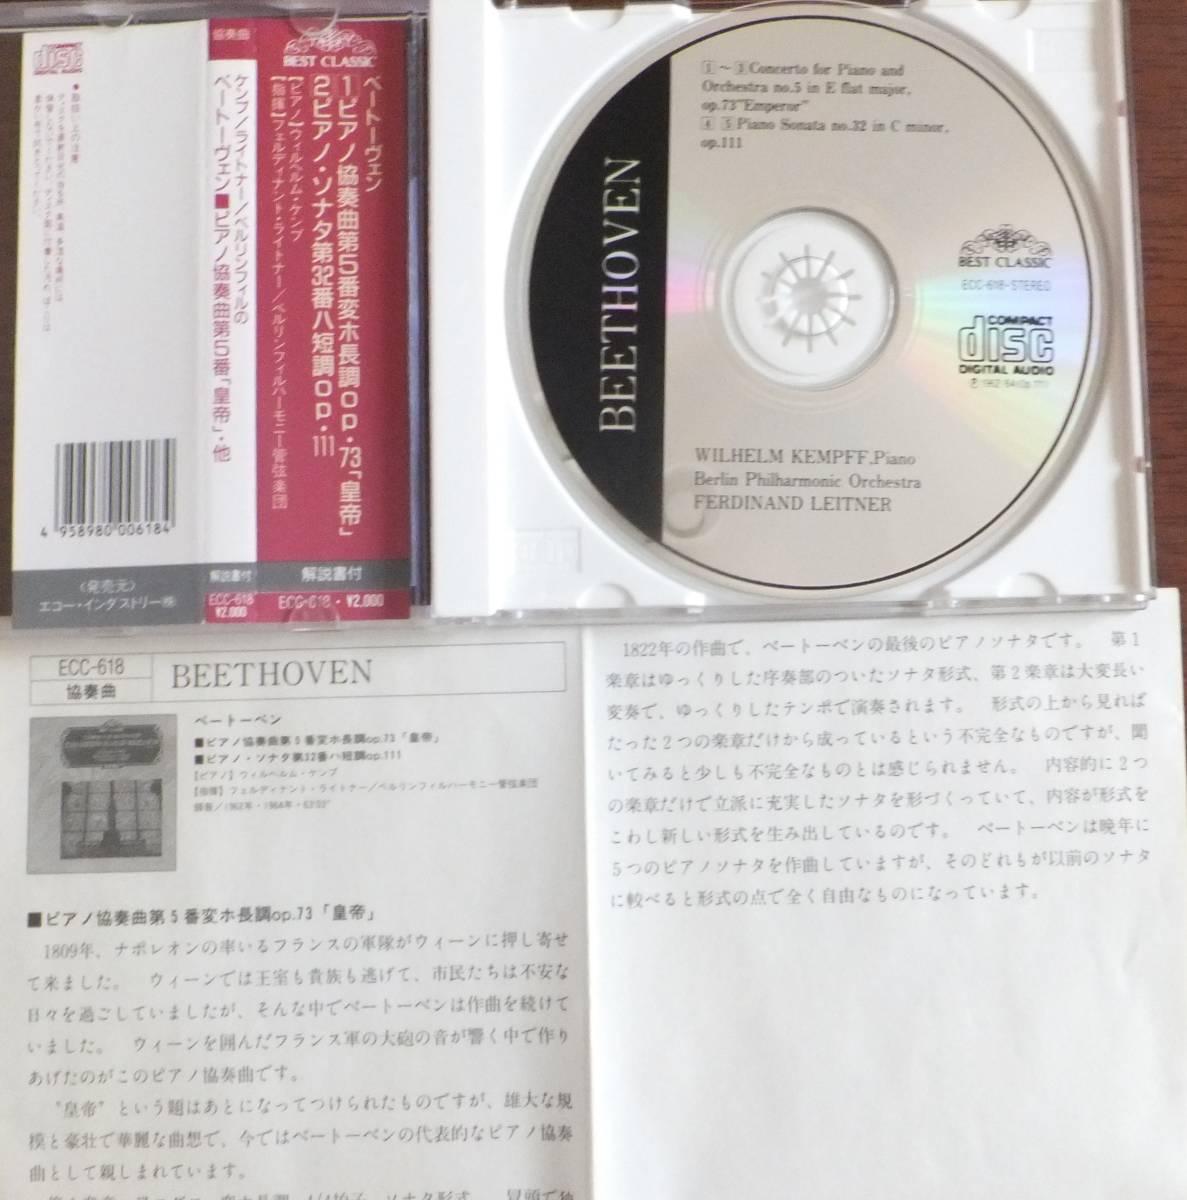 CD ベートーヴェン ピアノ協奏曲第5番「皇帝」:ピアノ・ソナタ第32番 ケンプ(P) ライトナー指揮 ベルリンフィルハーモニー管弦楽団_画像4